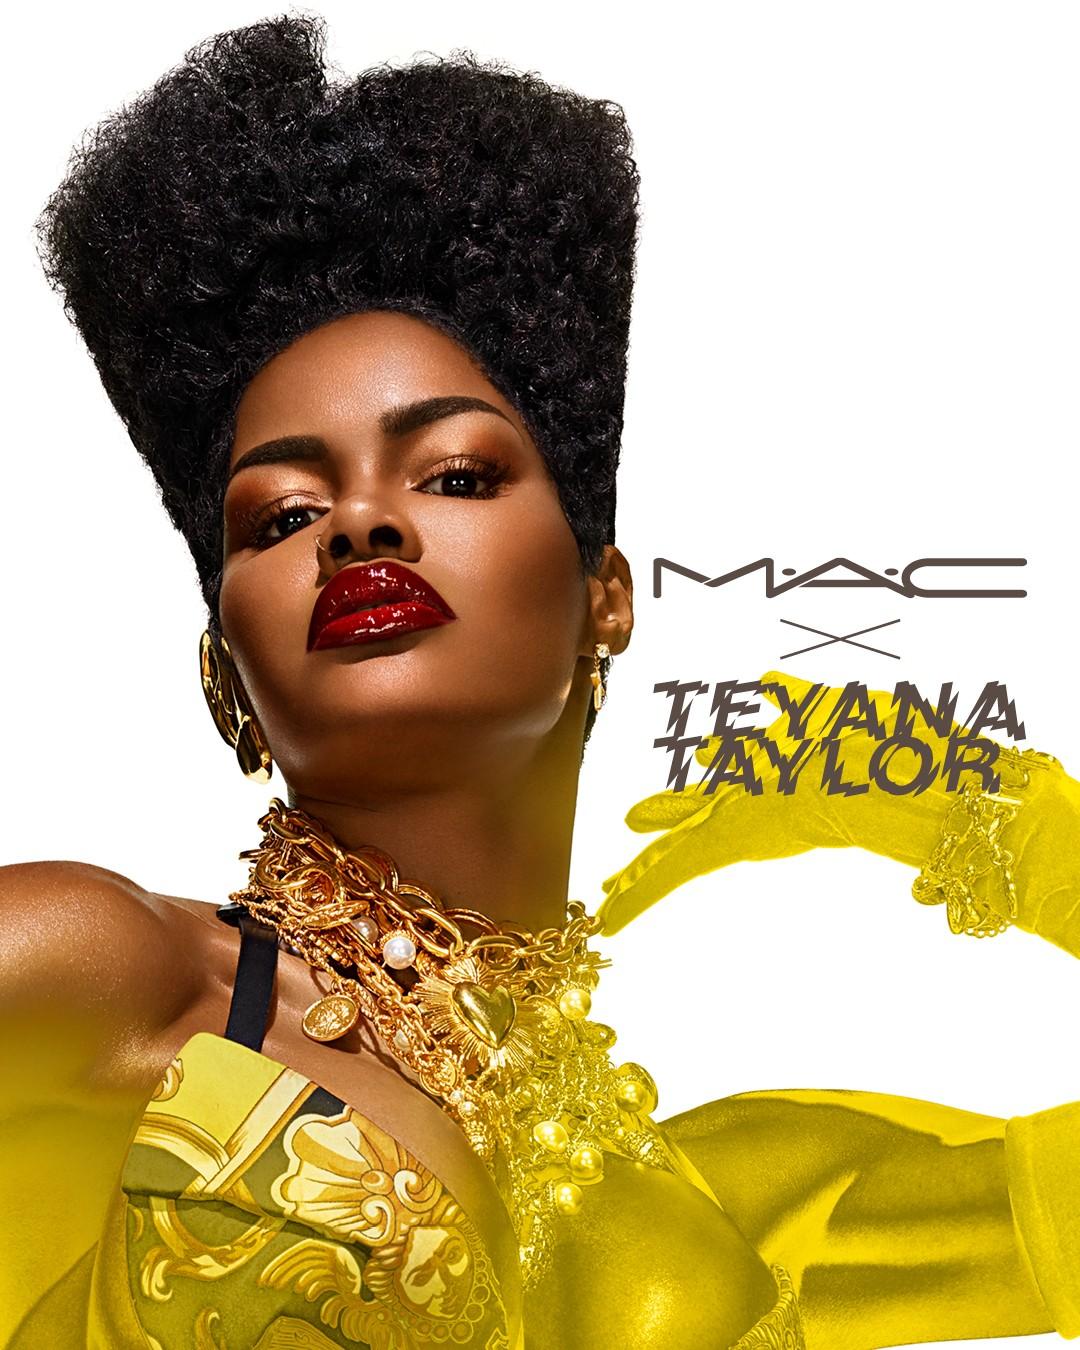 Η νέα συνεργασία της M.A.C με την Teyana Taylor